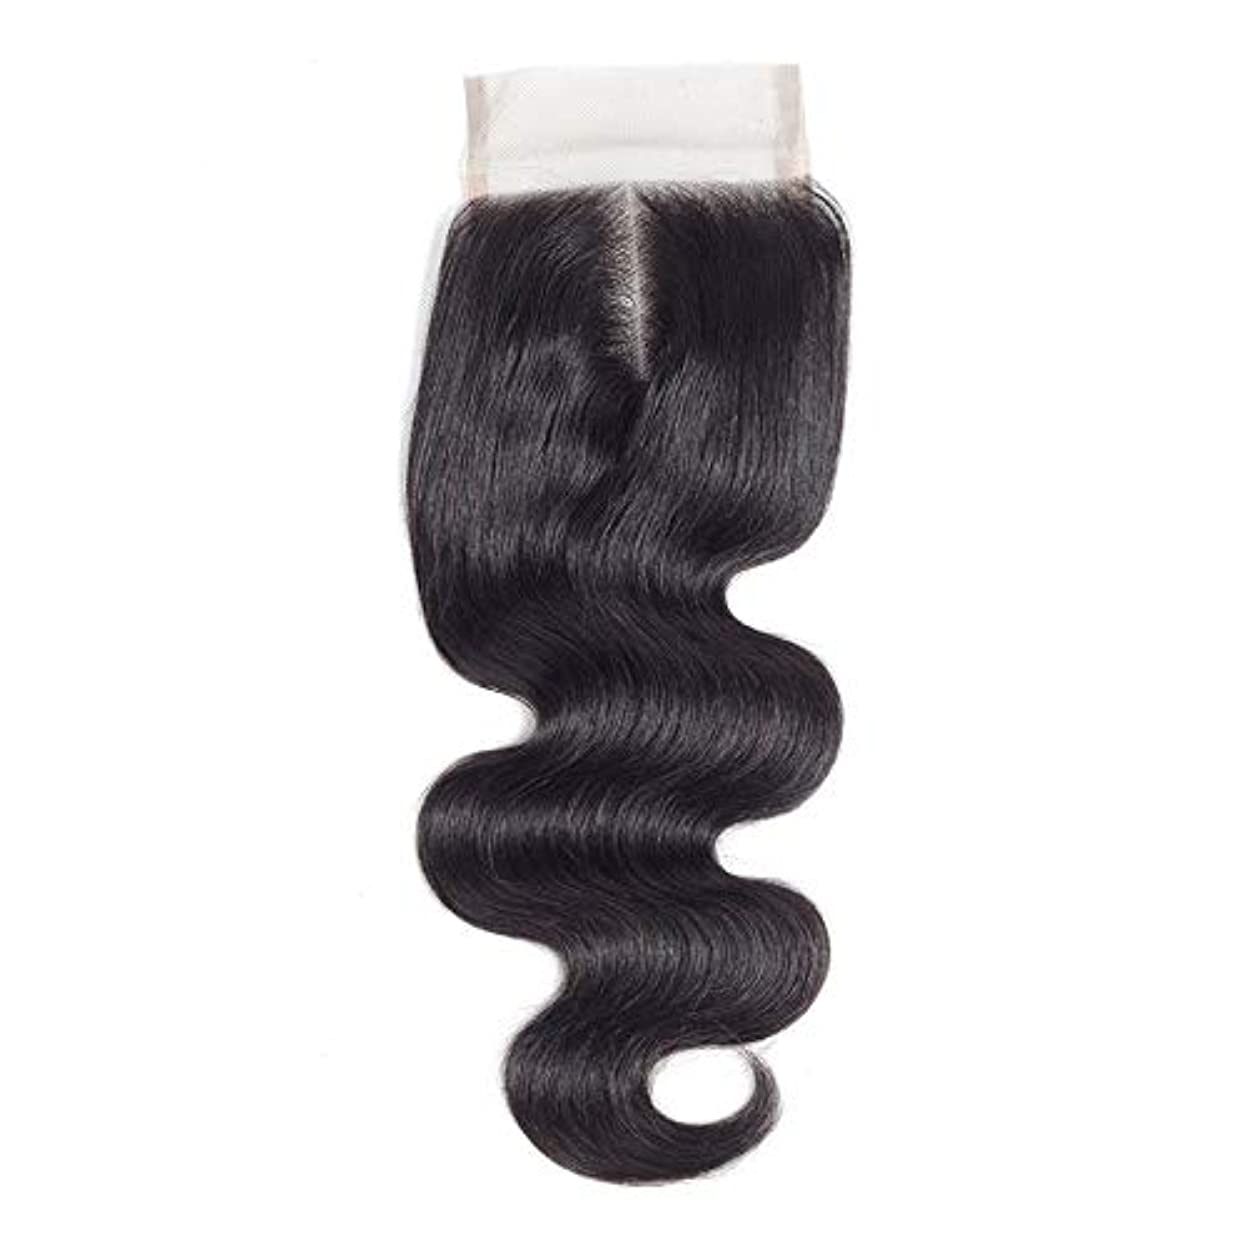 甲虫エリート退屈WASAIO ブラジルのボディウェーブ女性の人間Veridicalヘアエクステンションクリップのシームレスな髪型4x4のレースフロンタル閉鎖センター別れ(8インチ?20インチ) (色 : 黒, サイズ : 10 inch)